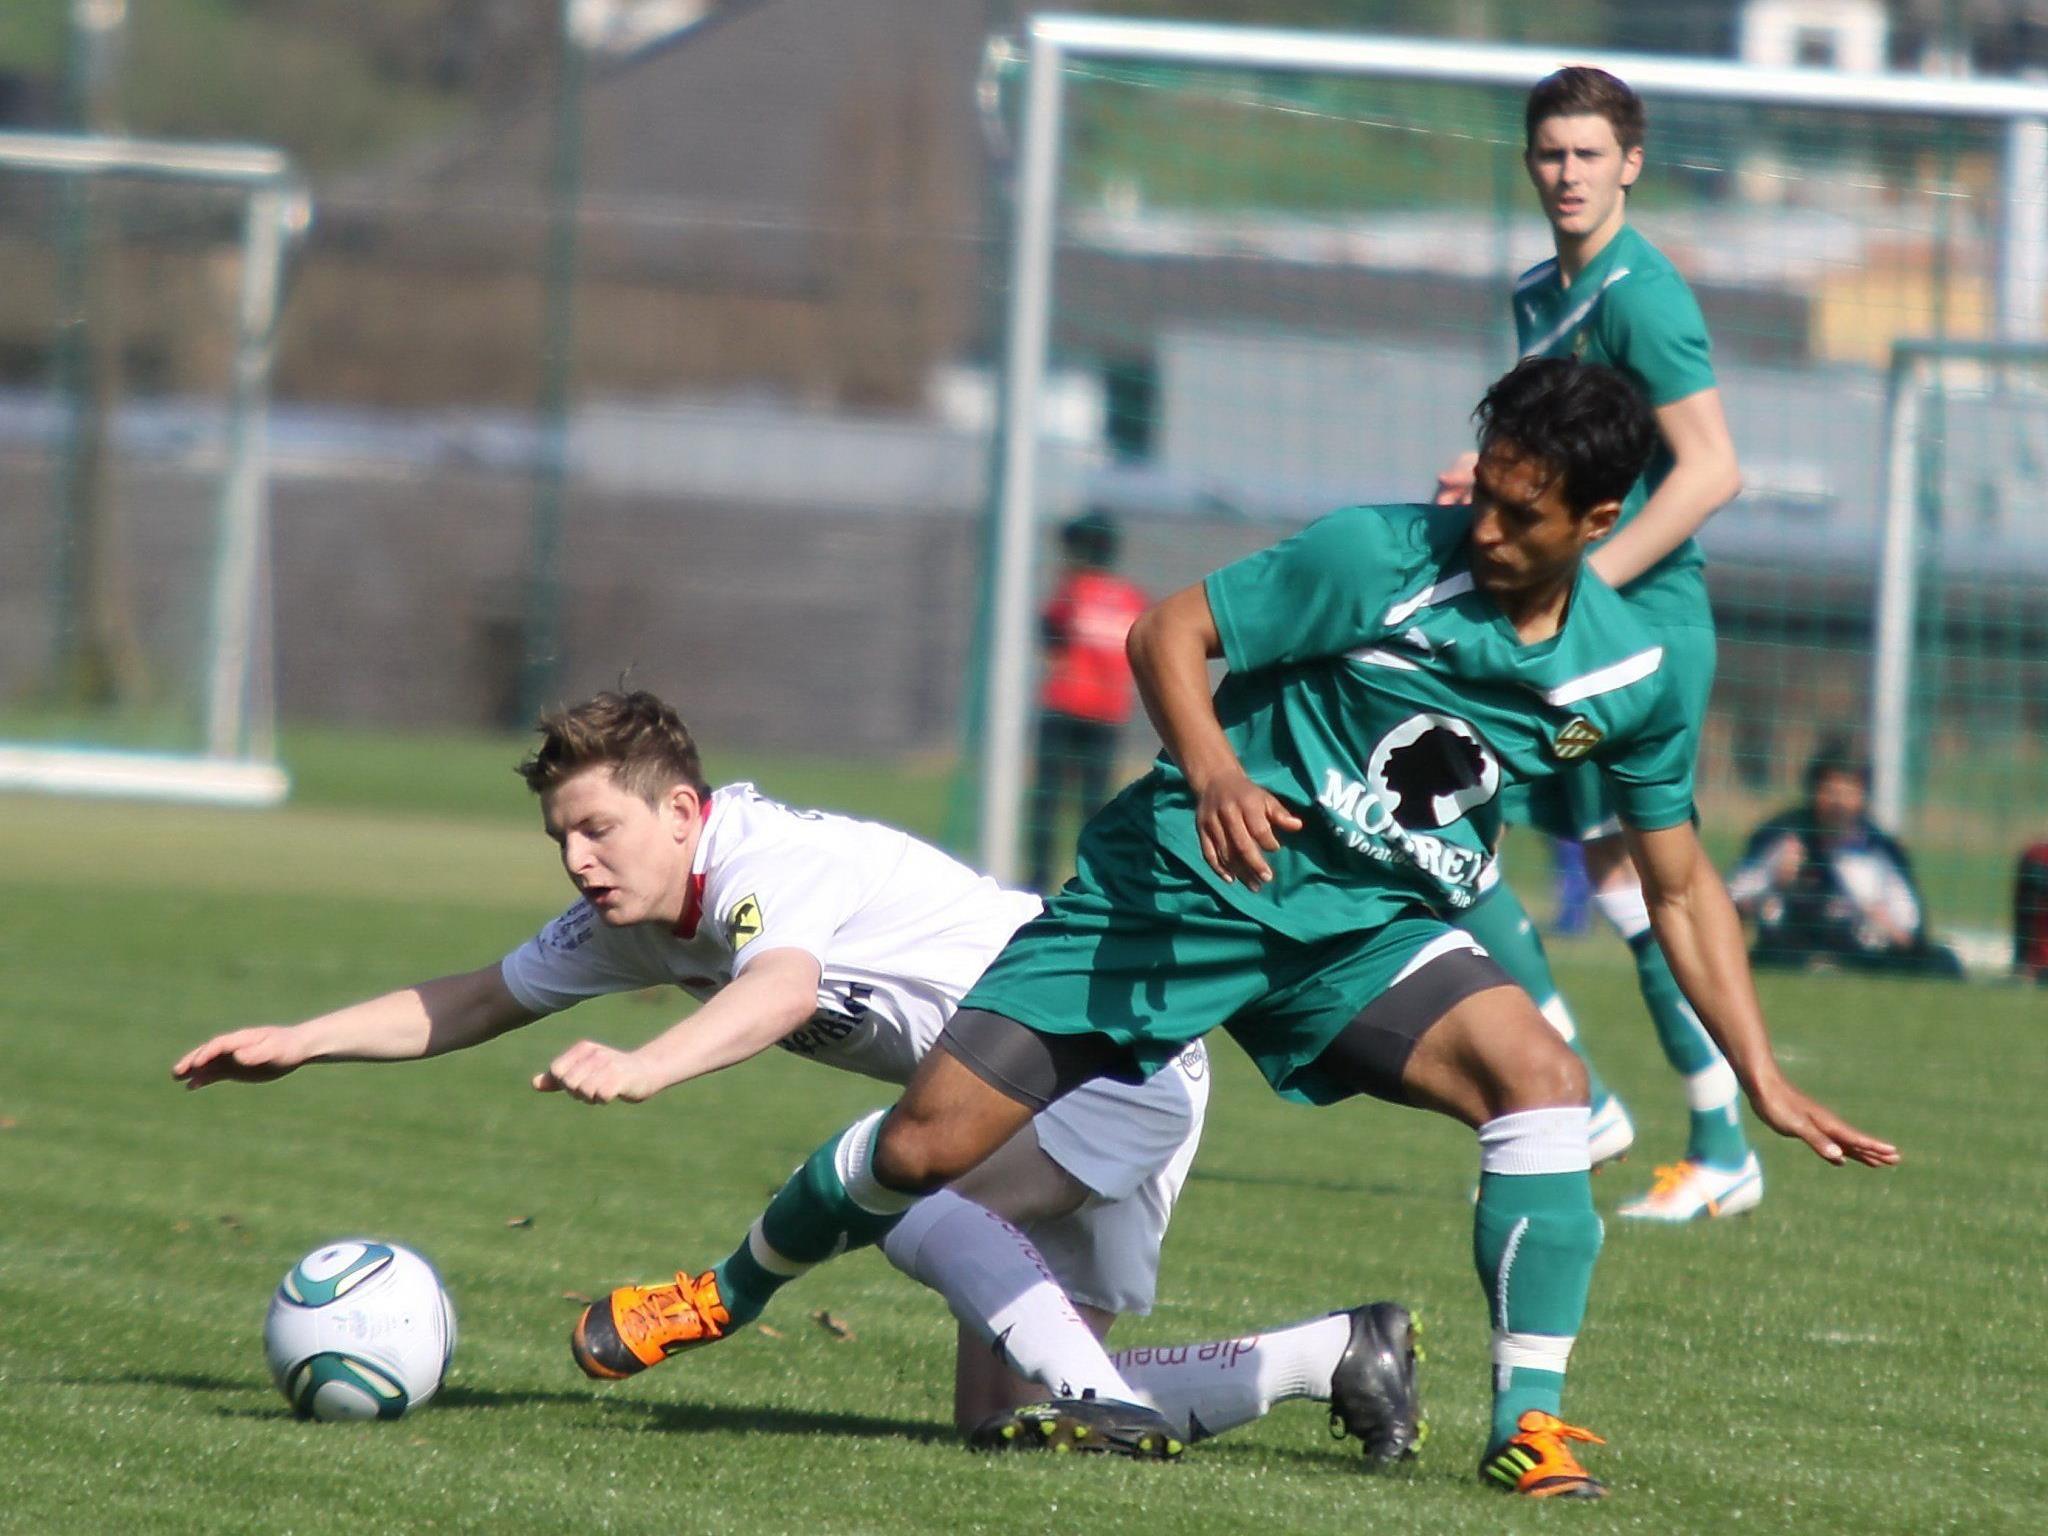 Austria Lustenau-Kicker Sidinei de Oliveira schoss das 3:2.